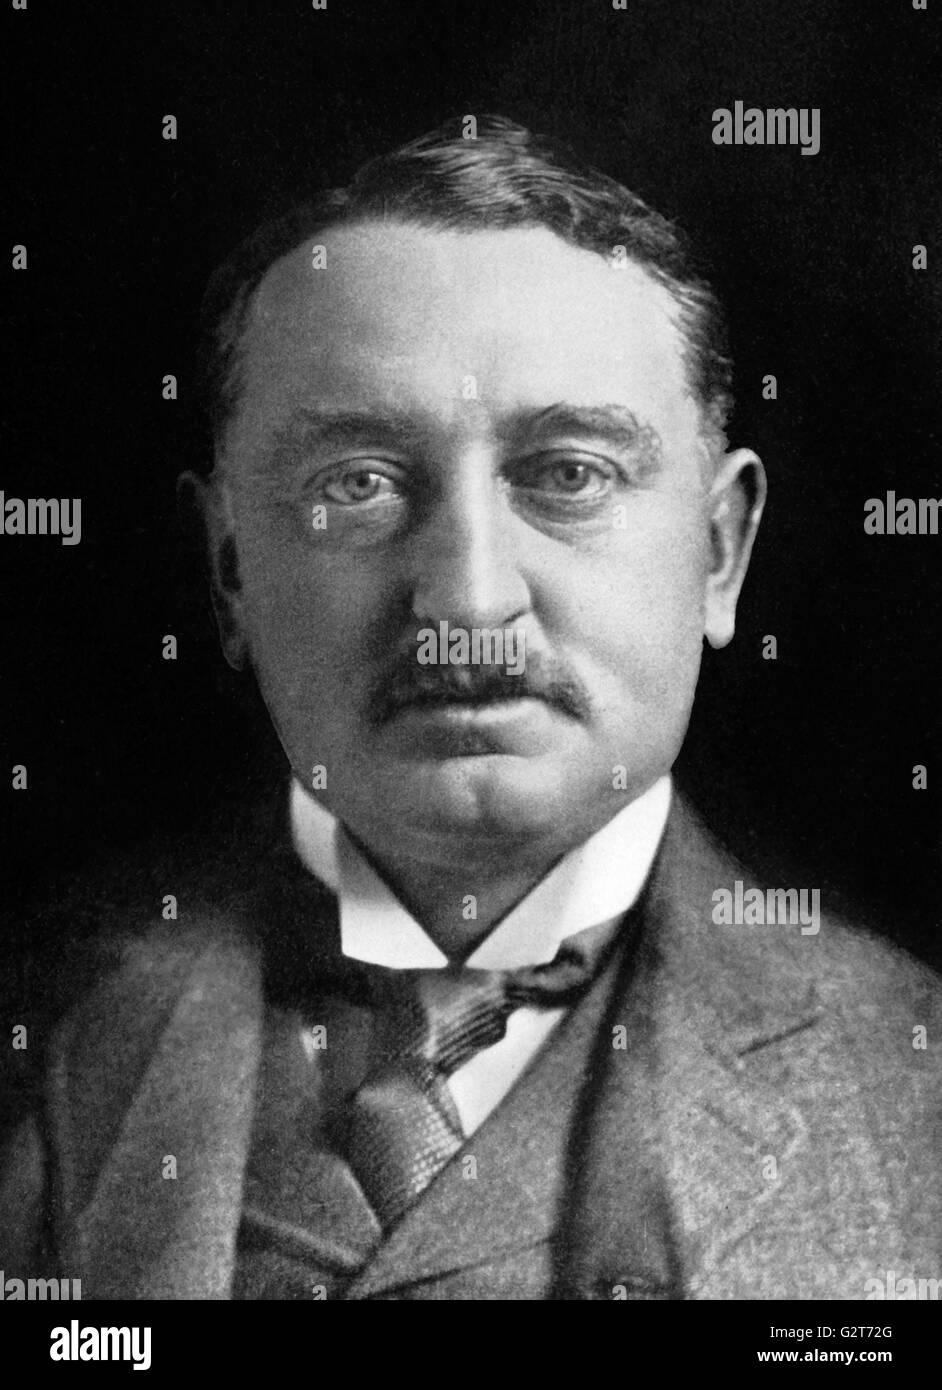 Cecil Rhodes, portrait c.1900 - Stock Image